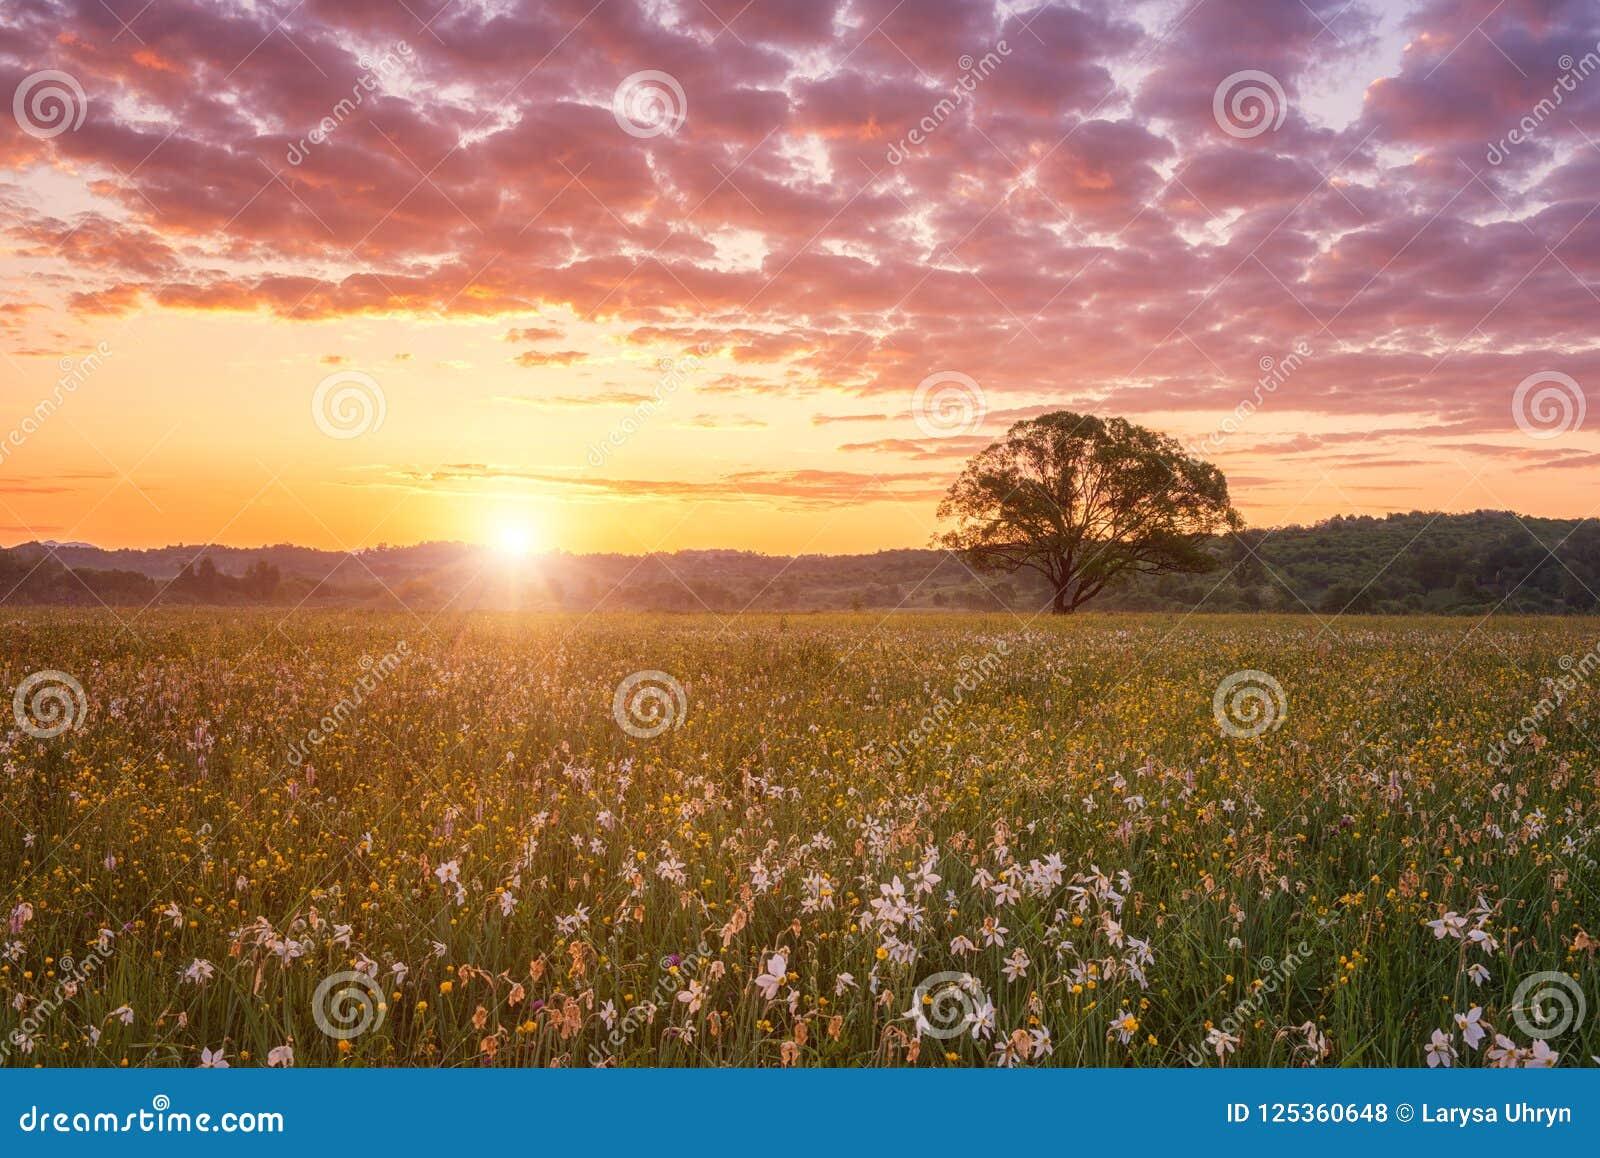 Piękny wschód słońca w kwiatonośnej dolinie, scenicznym krajobrazie z dzikimi dorośnięcie kwiatami i koloru chmurnym niebie,